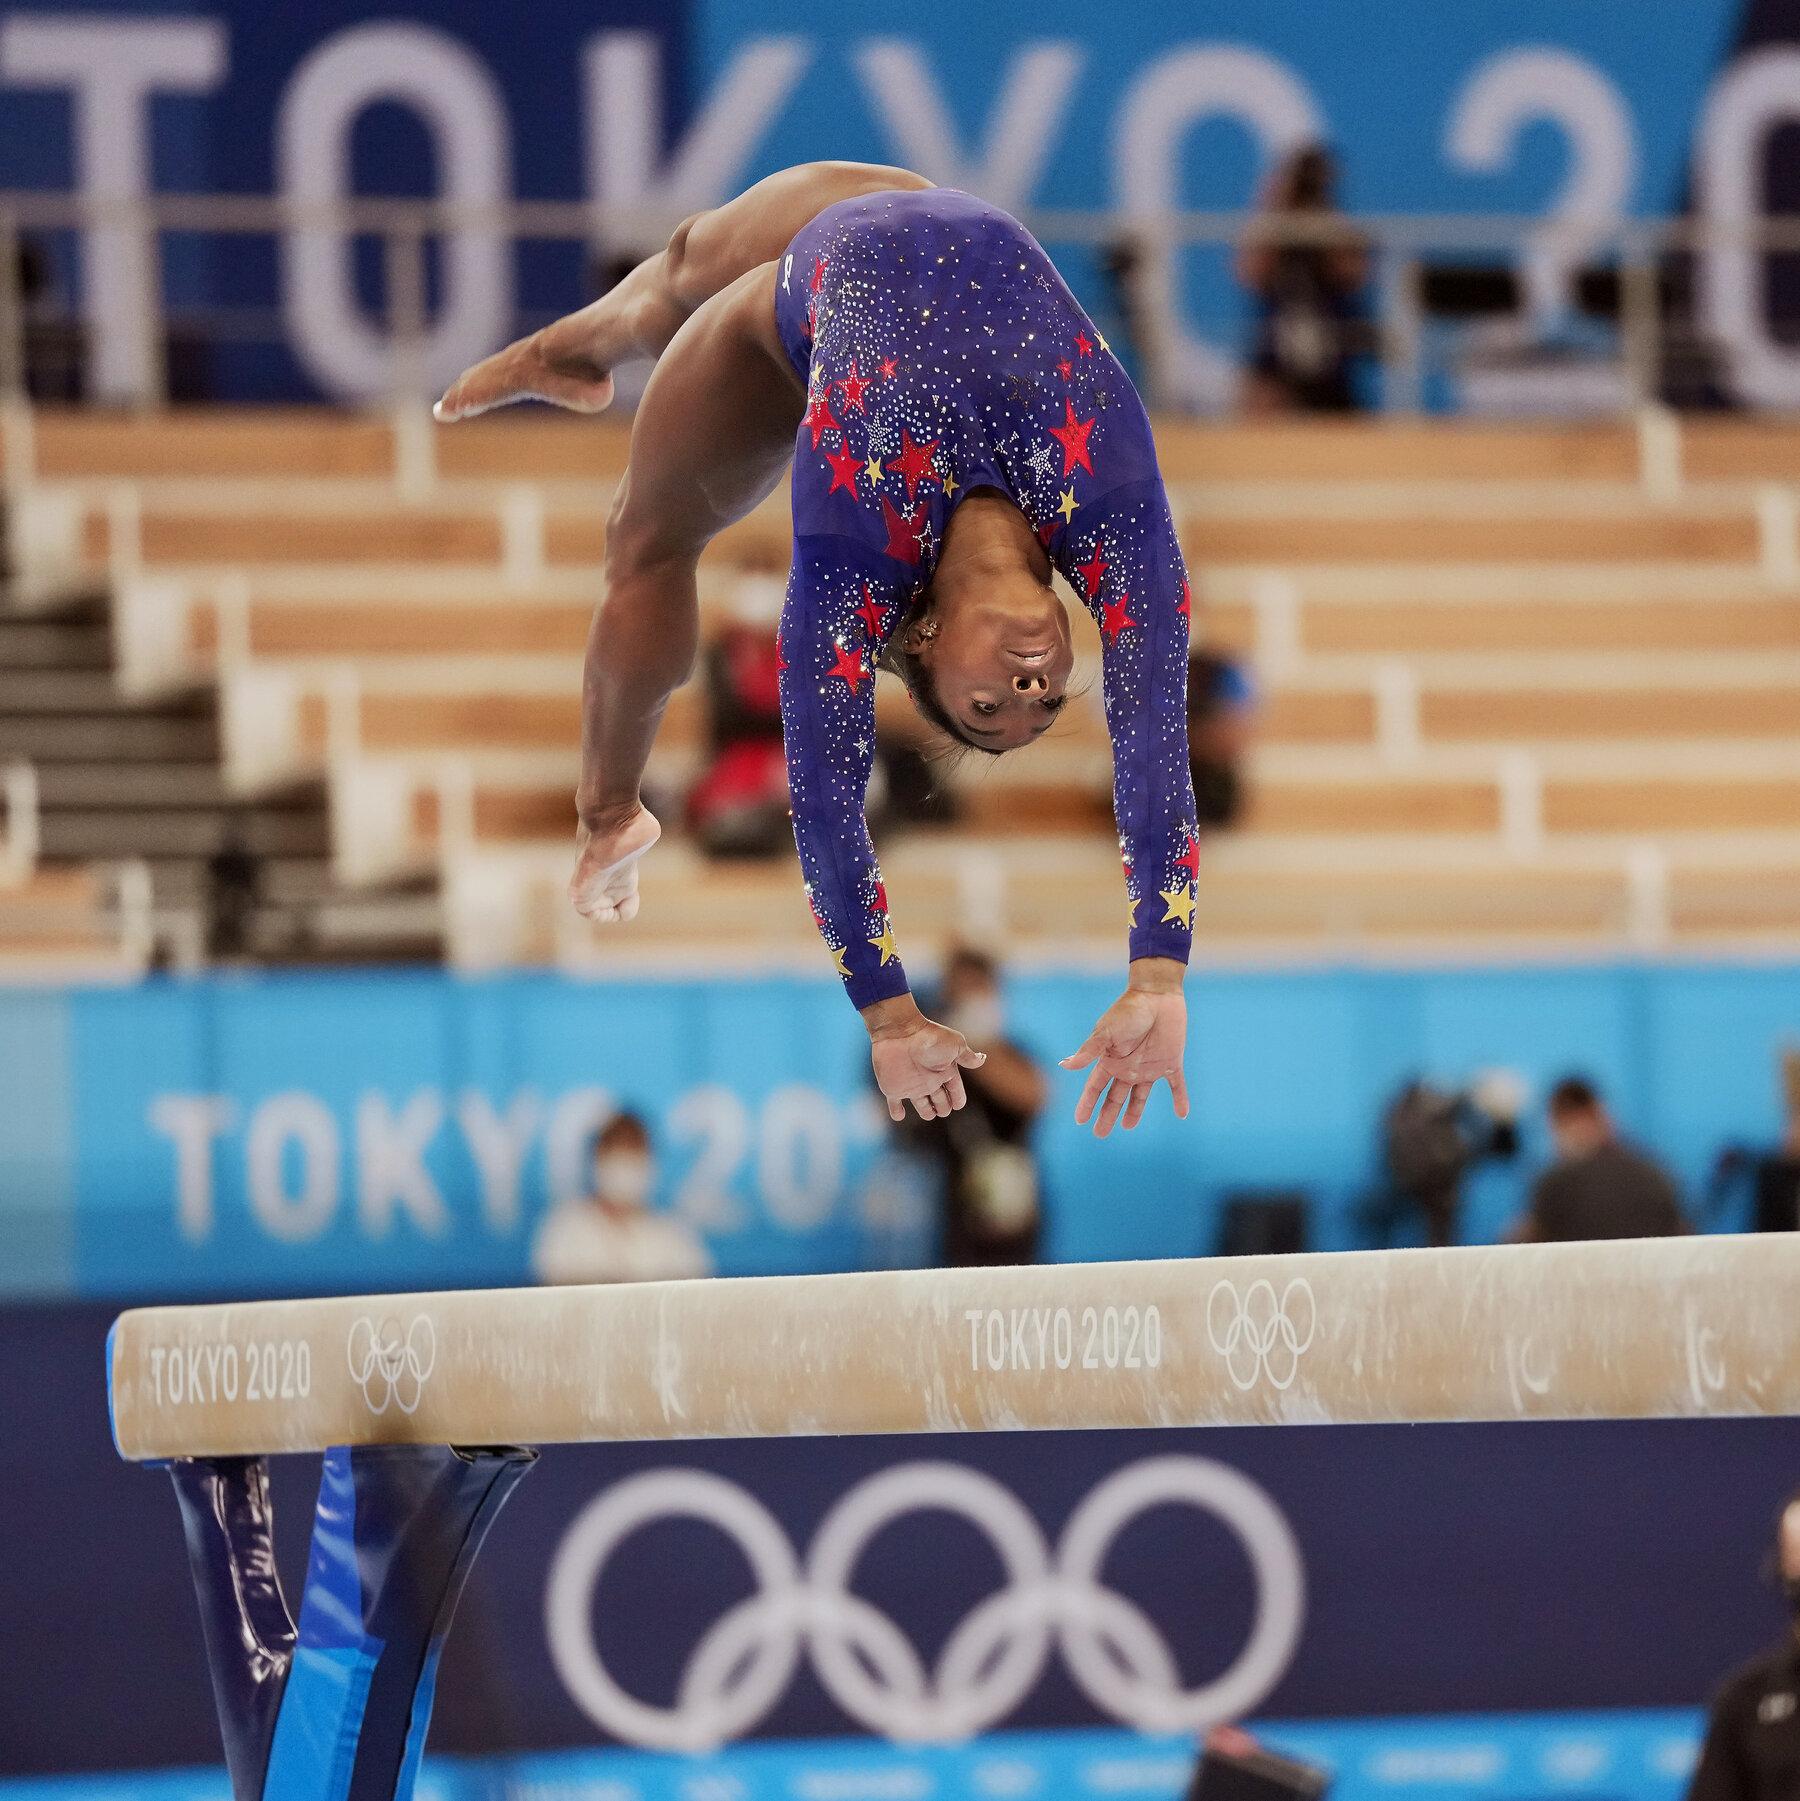 Симоне Байлс се пребори със себе си и завърши в Токио с медал